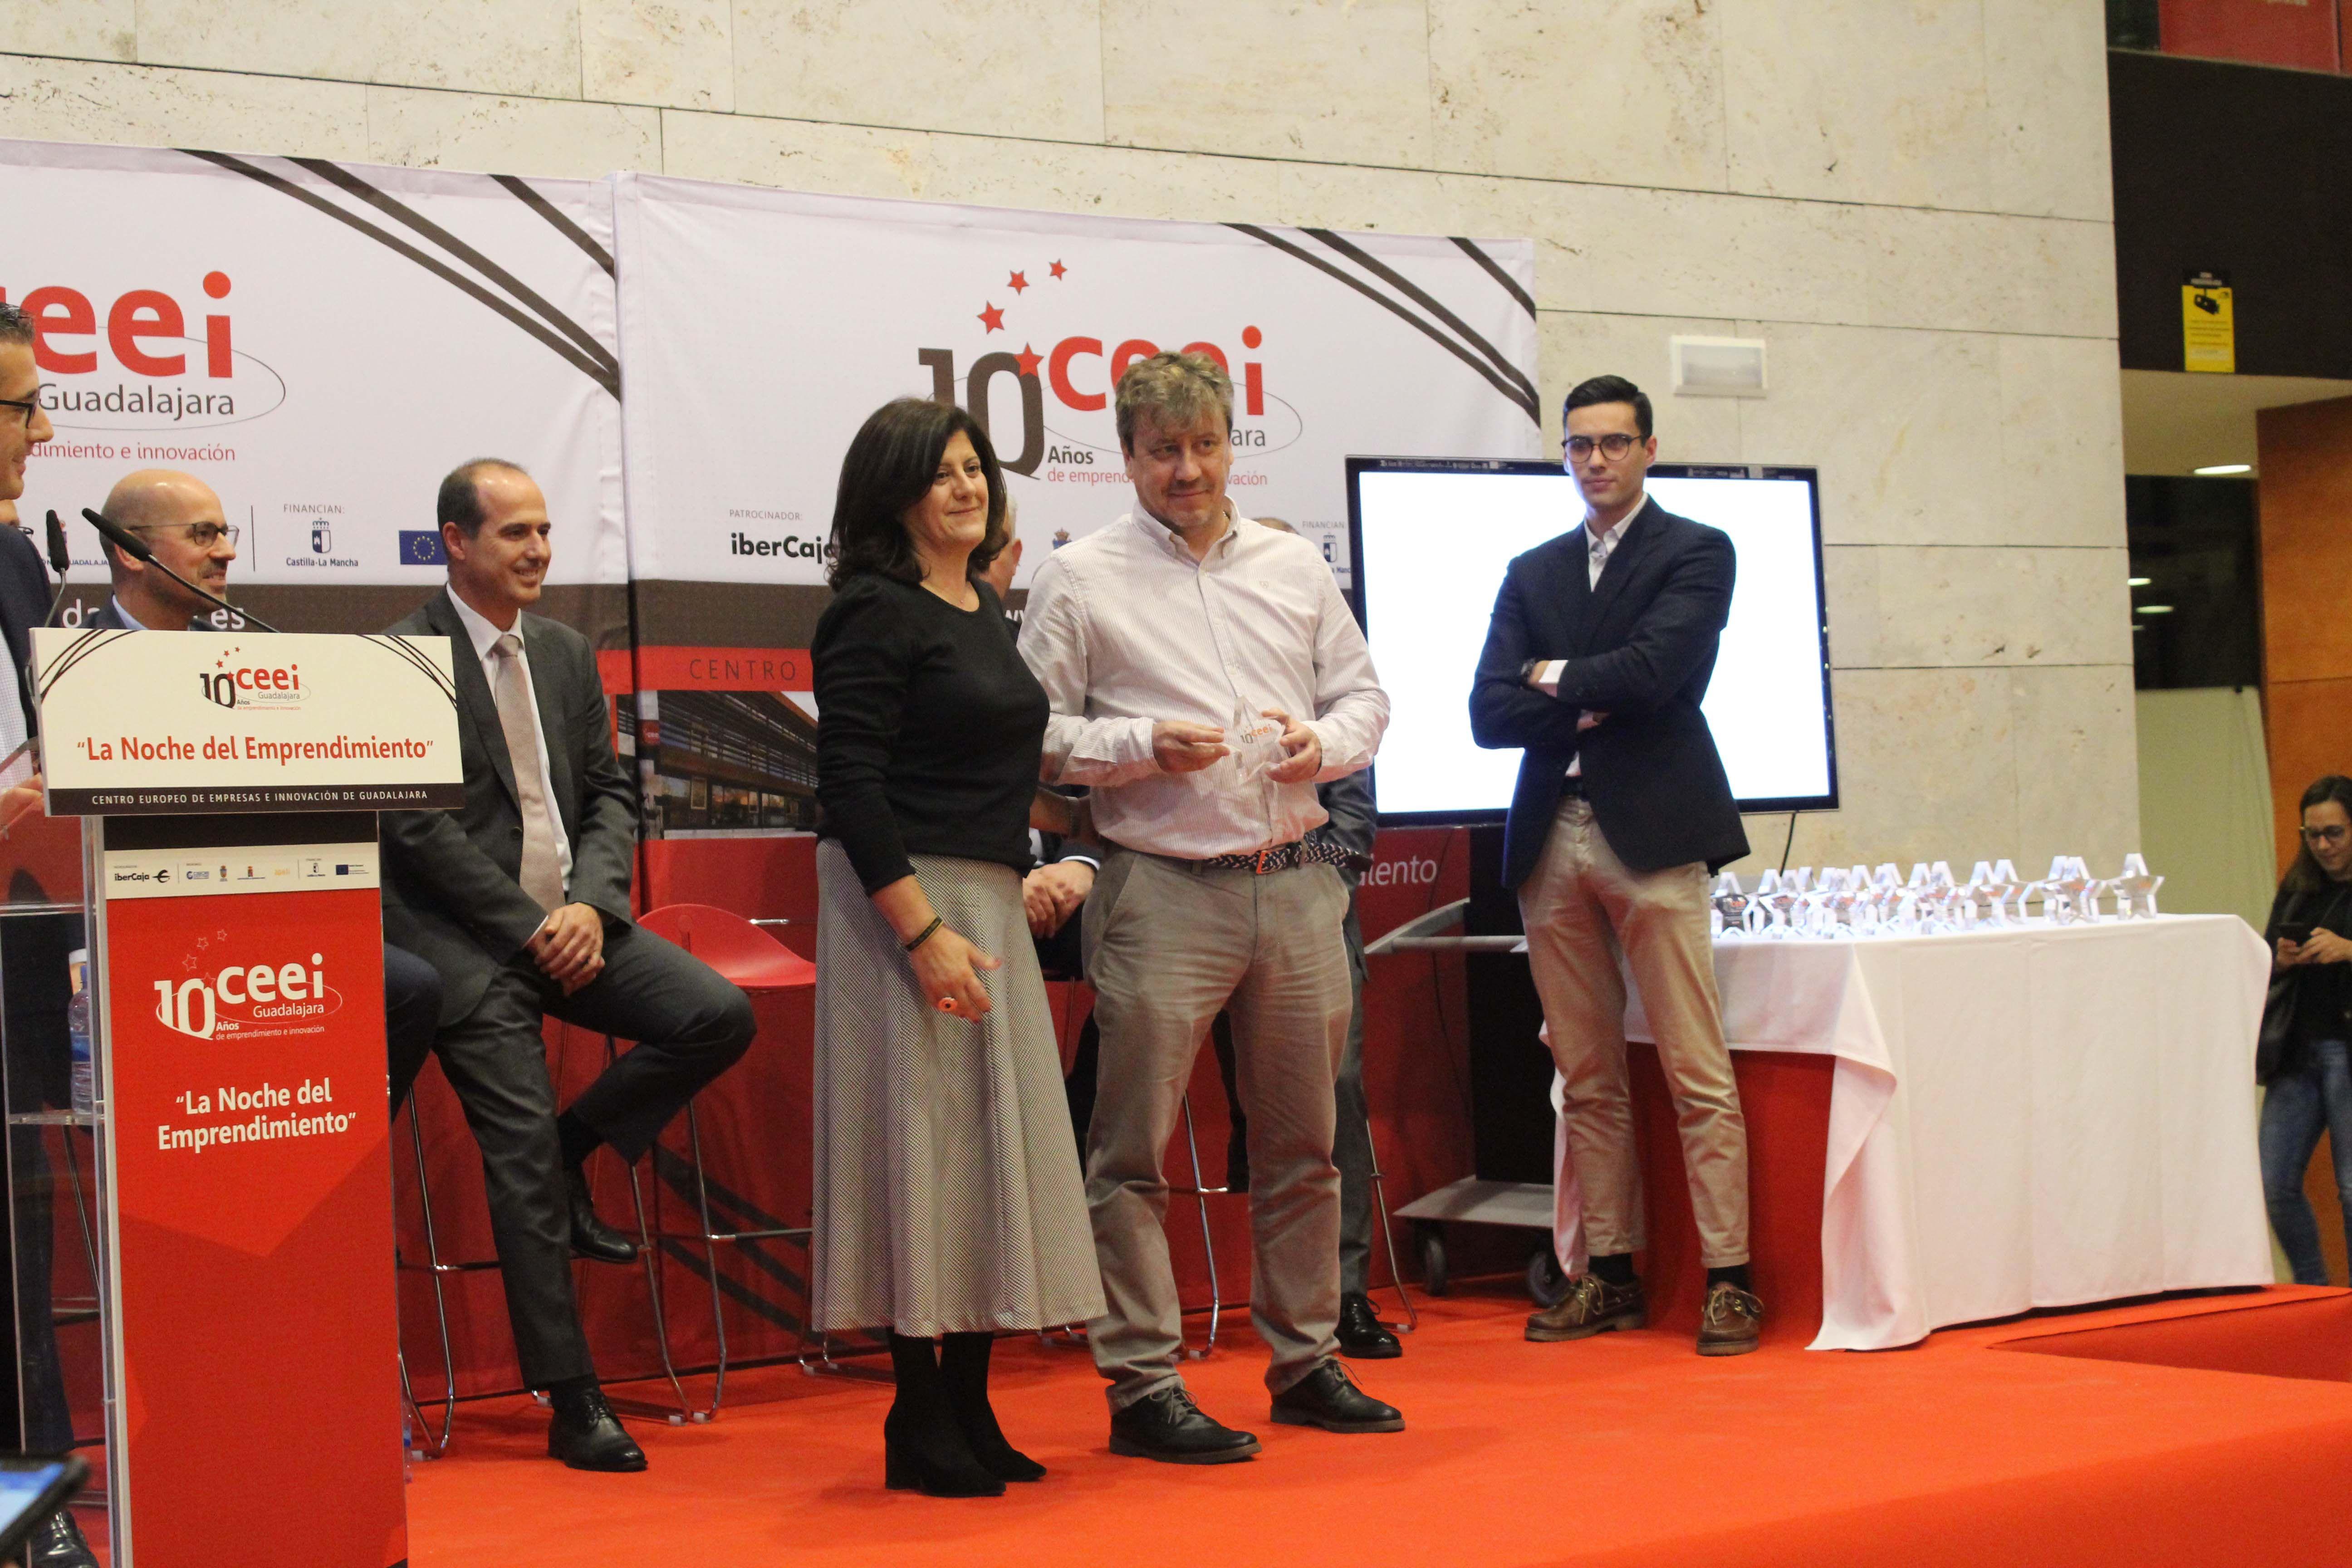 DosPZ recibe un reconocimiento por parte del CEEI de Guadalajara, en